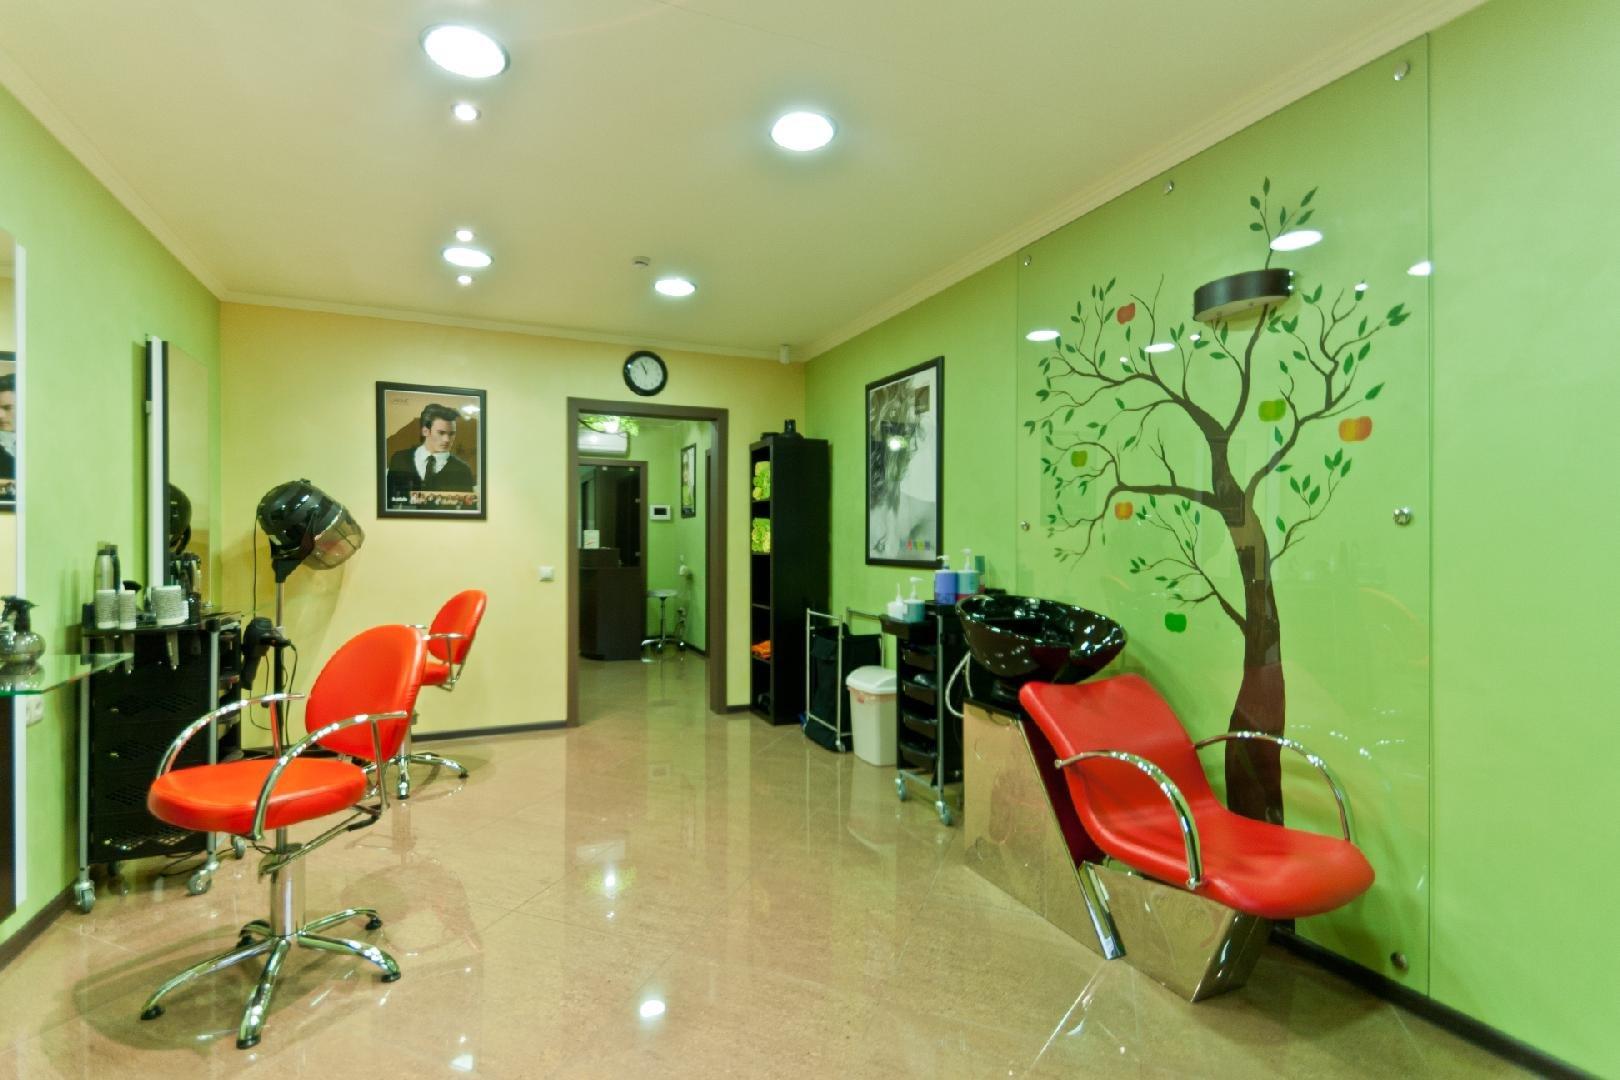 а-студио сцене супер оформление парикмахерского салона фото чего